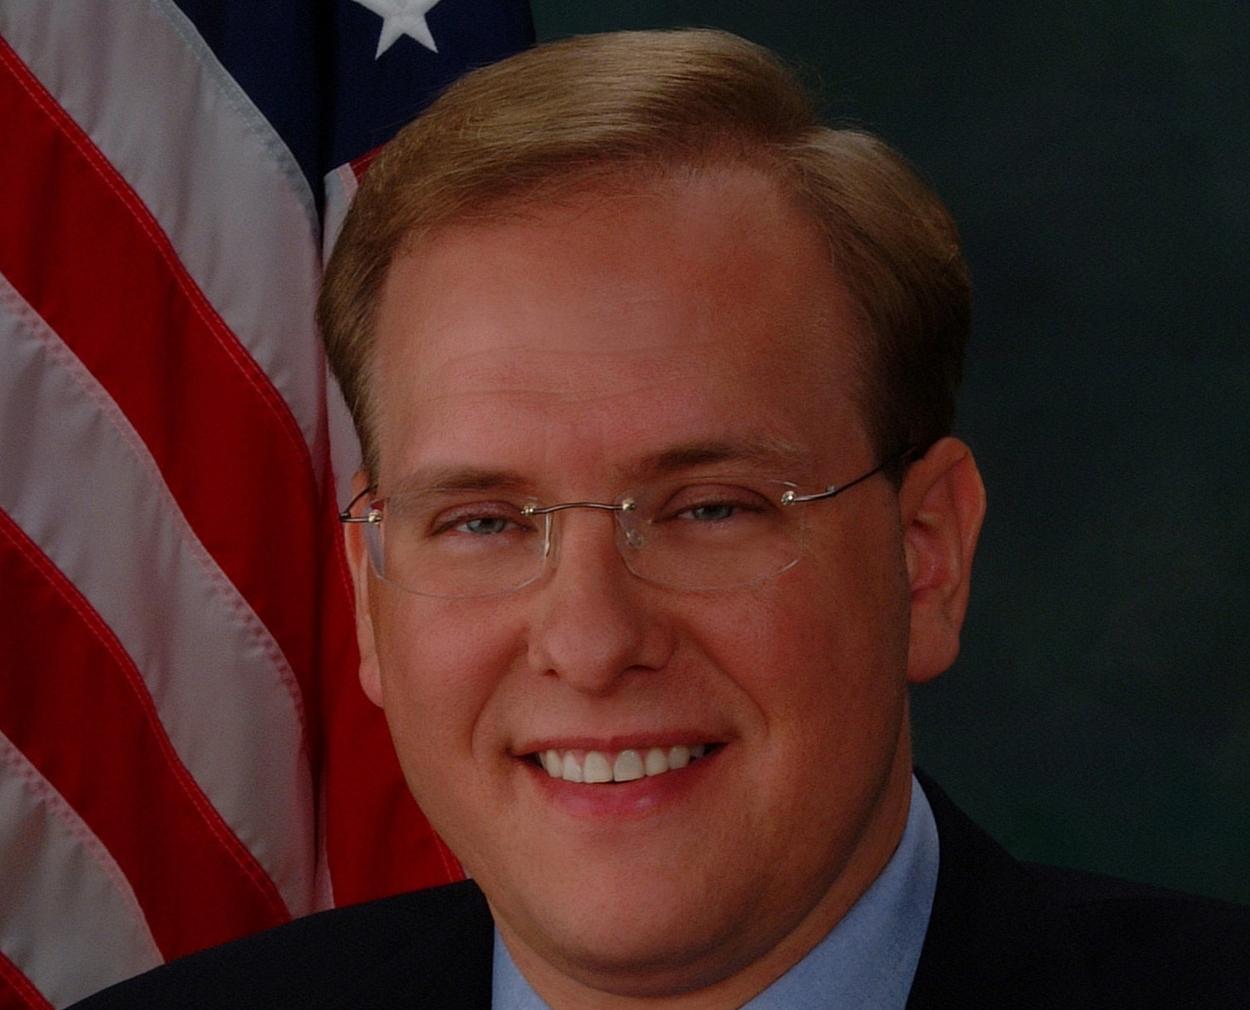 Rep. Jim Langevin RI-02